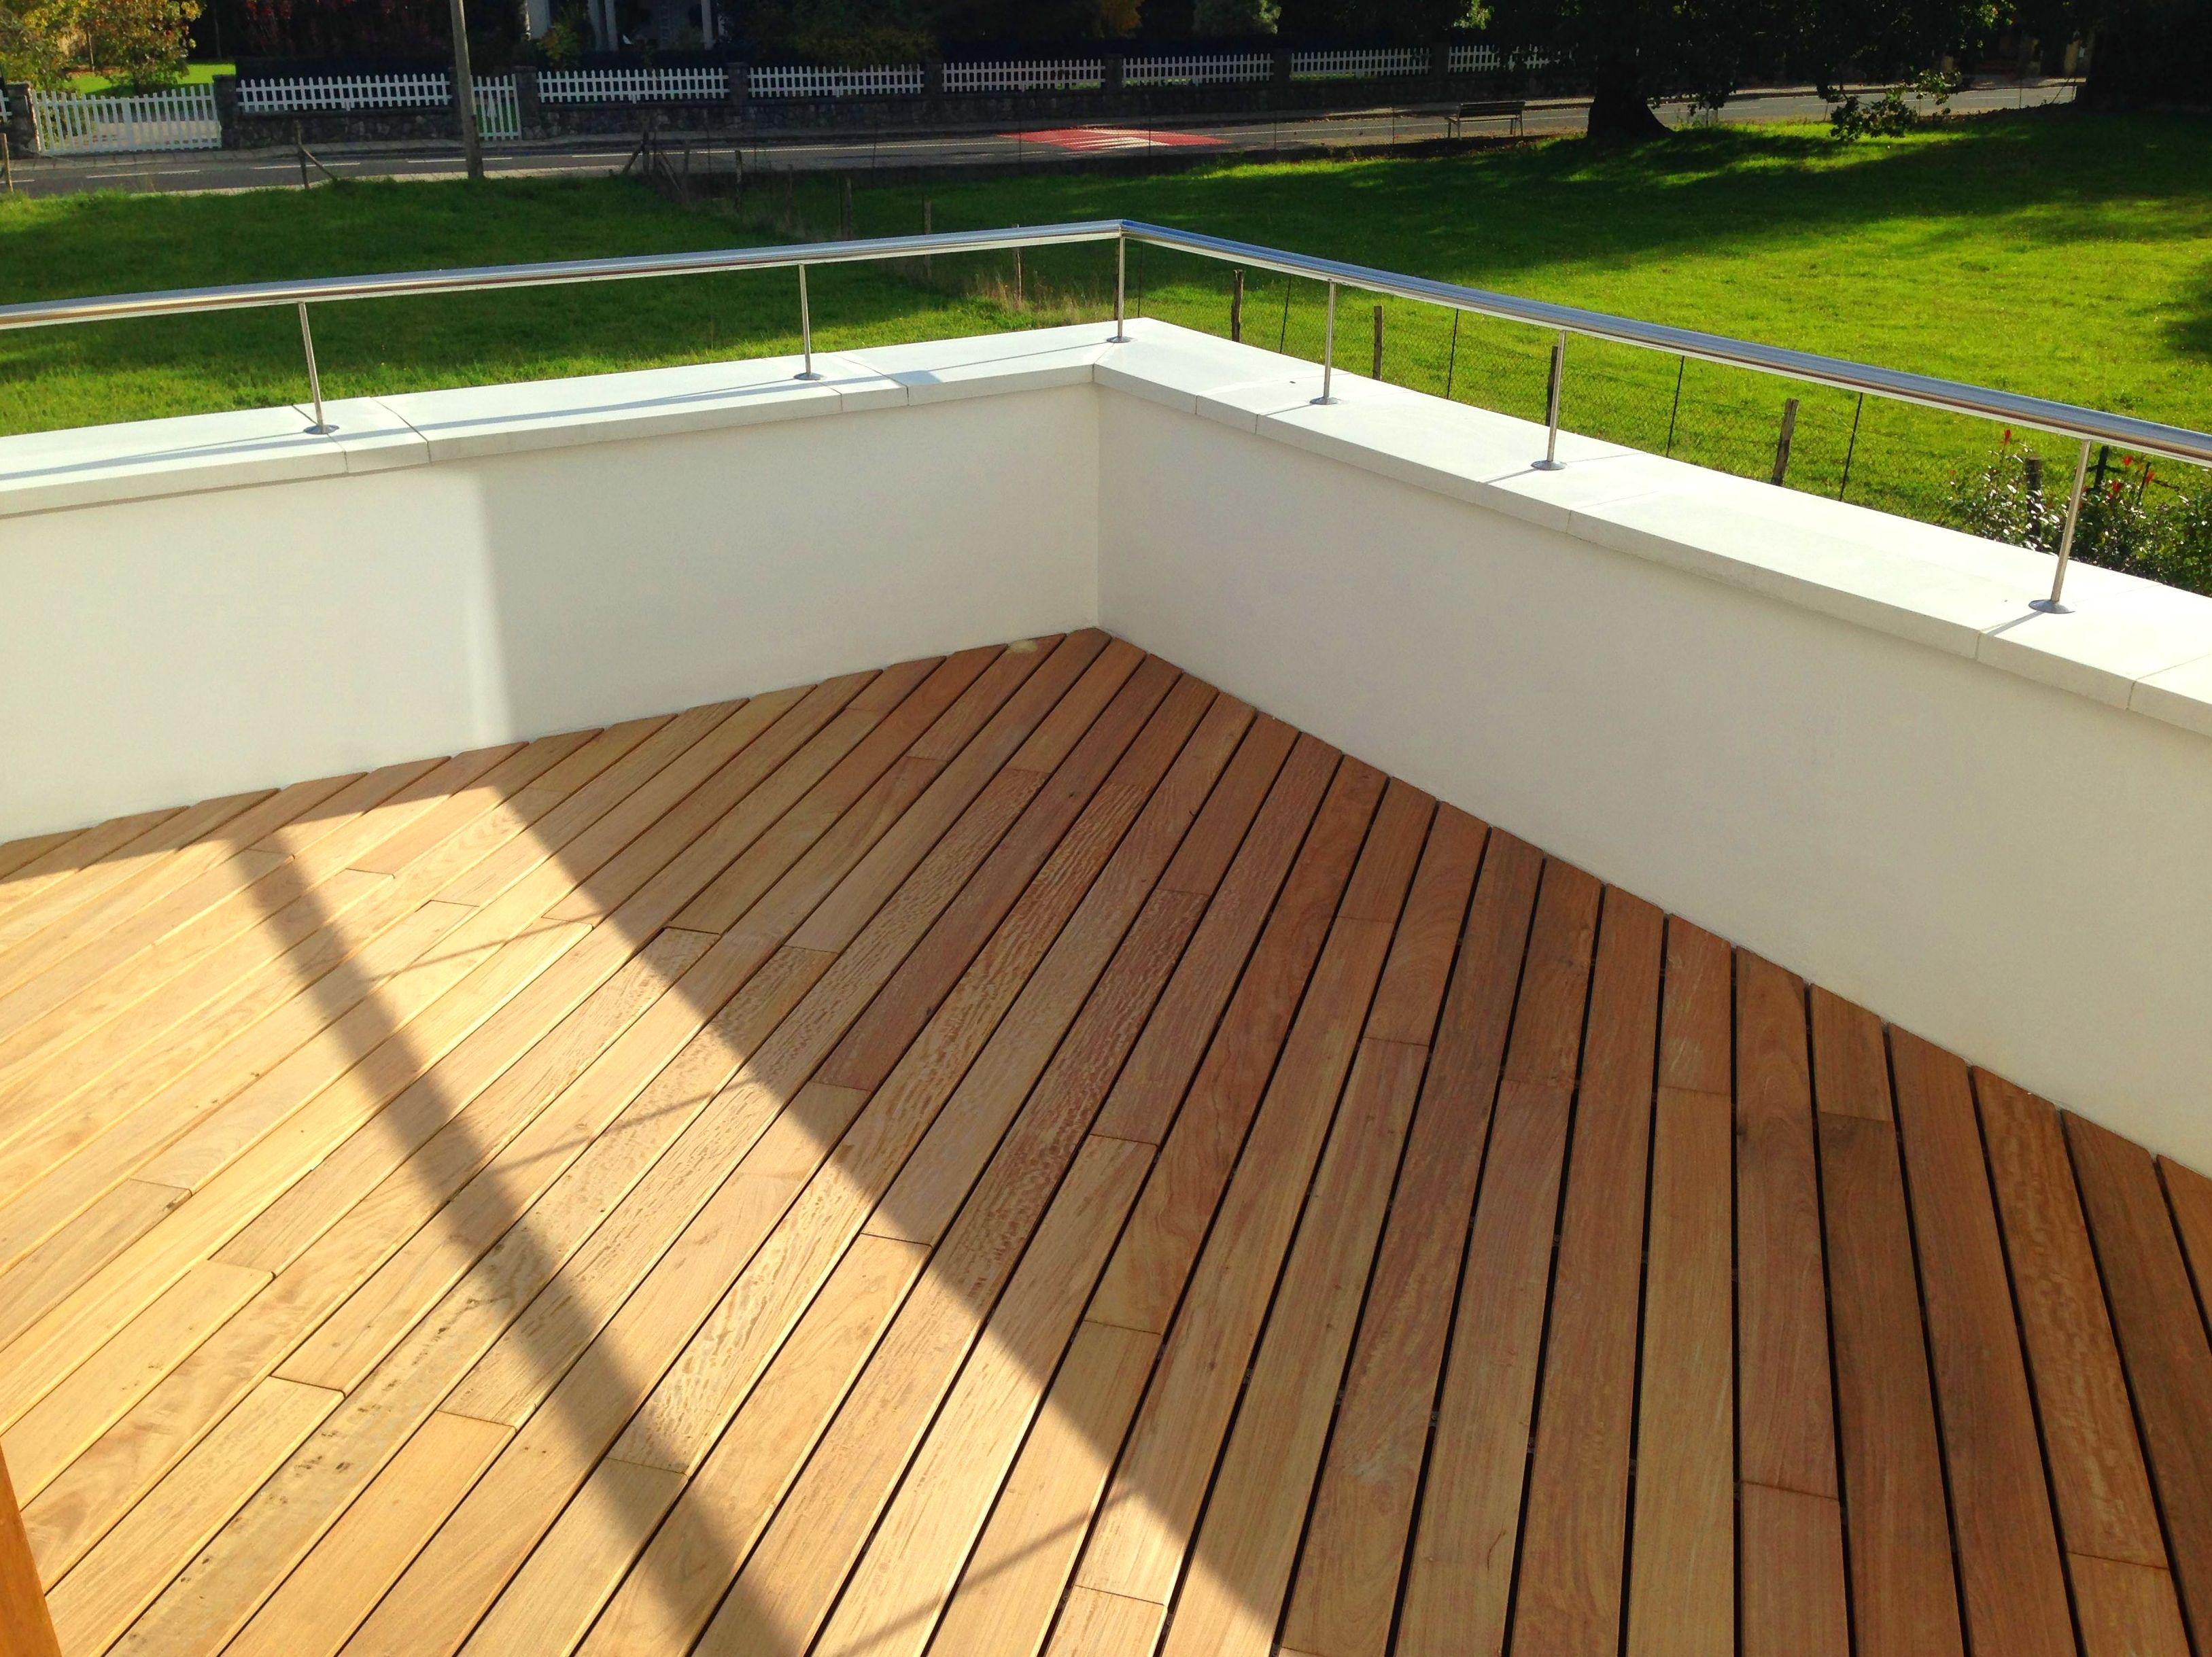 Reforma de terraza con acabado de tarima de madera ipe - Tarima para terraza ...